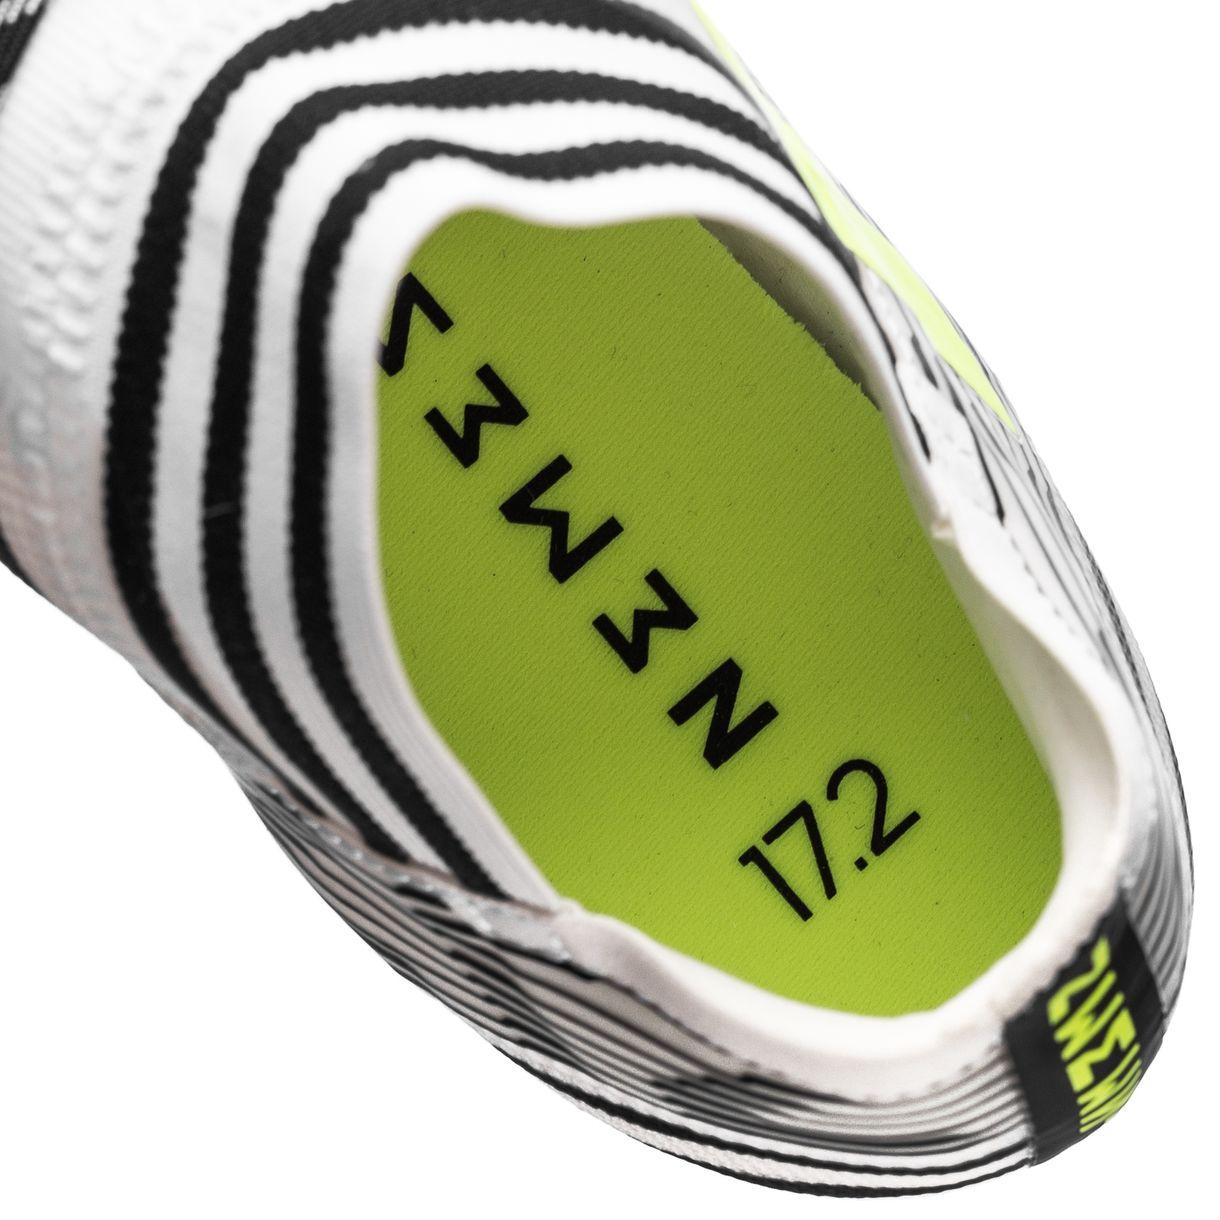 adidas Nemeziz 17.2 vnitřek kopačky